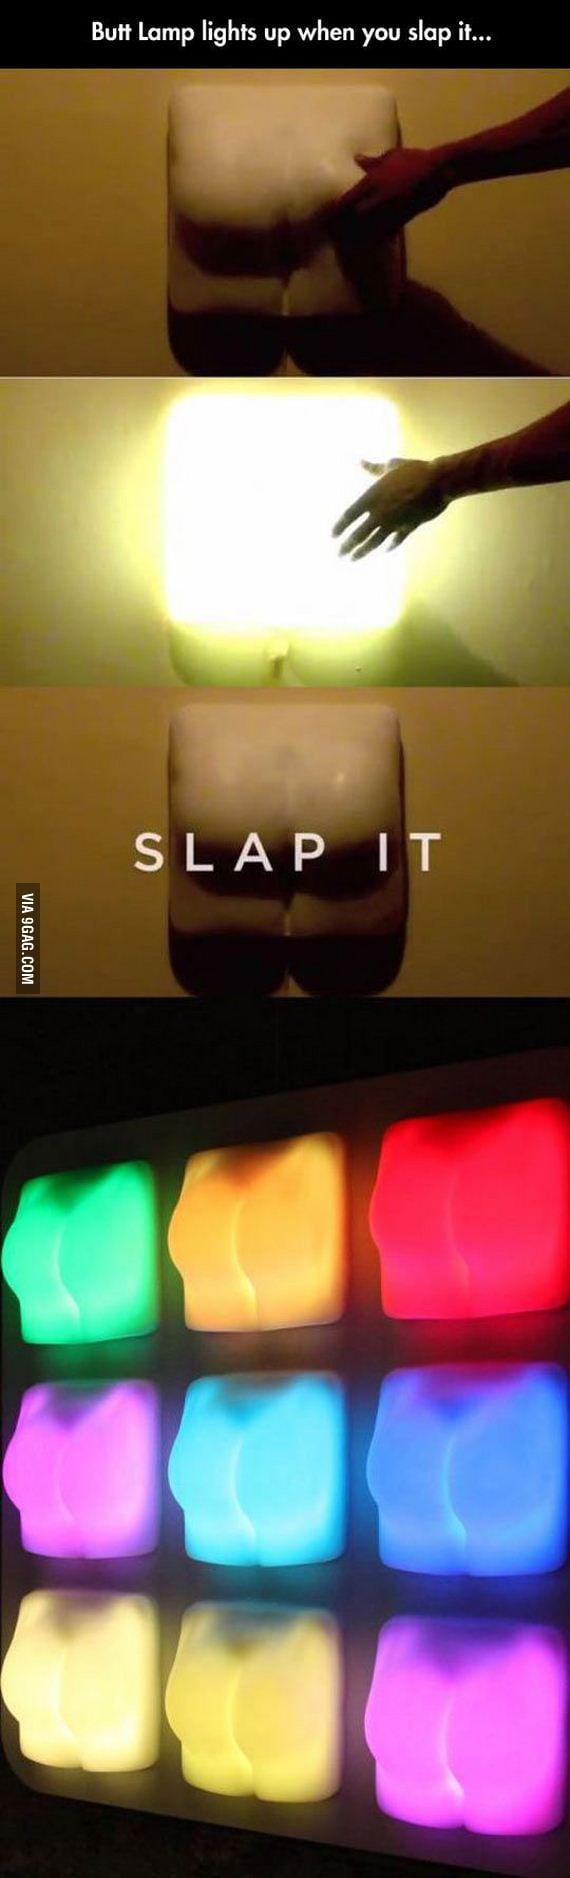 Butt Lamp. - 9GAG